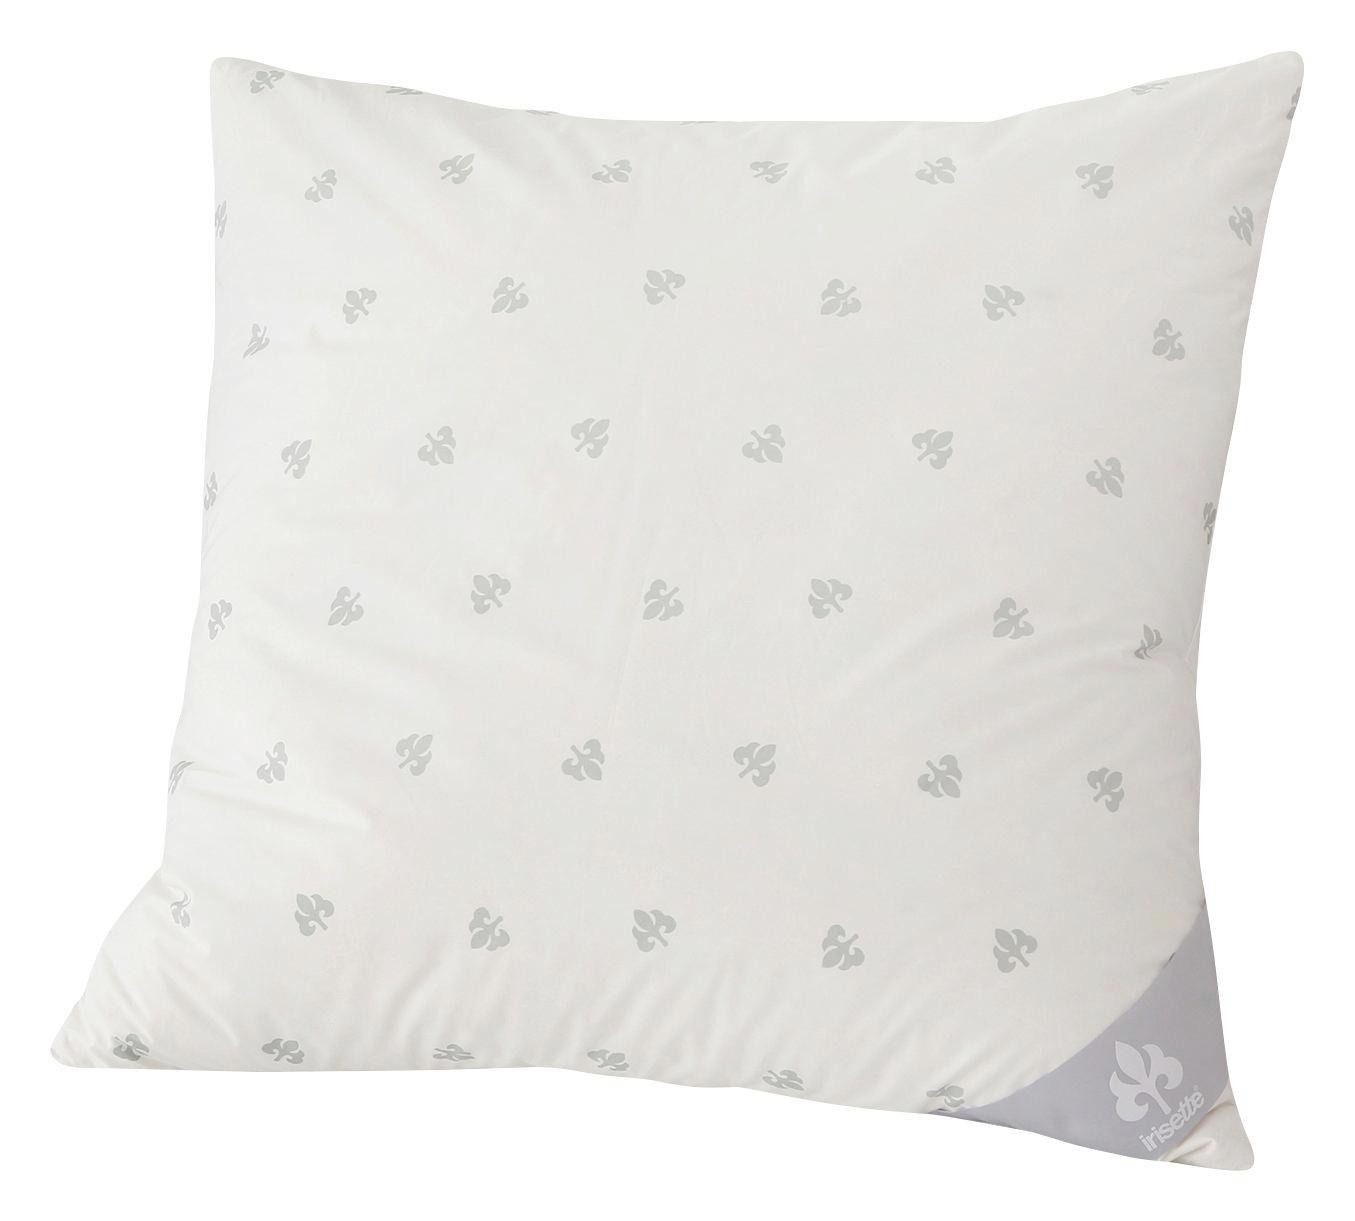 Dreikammer Kissen Irisette 80x80cm - Weiß, KONVENTIONELL, Textil/Weitere Naturmaterialien (80/80cm) - IRISETTE